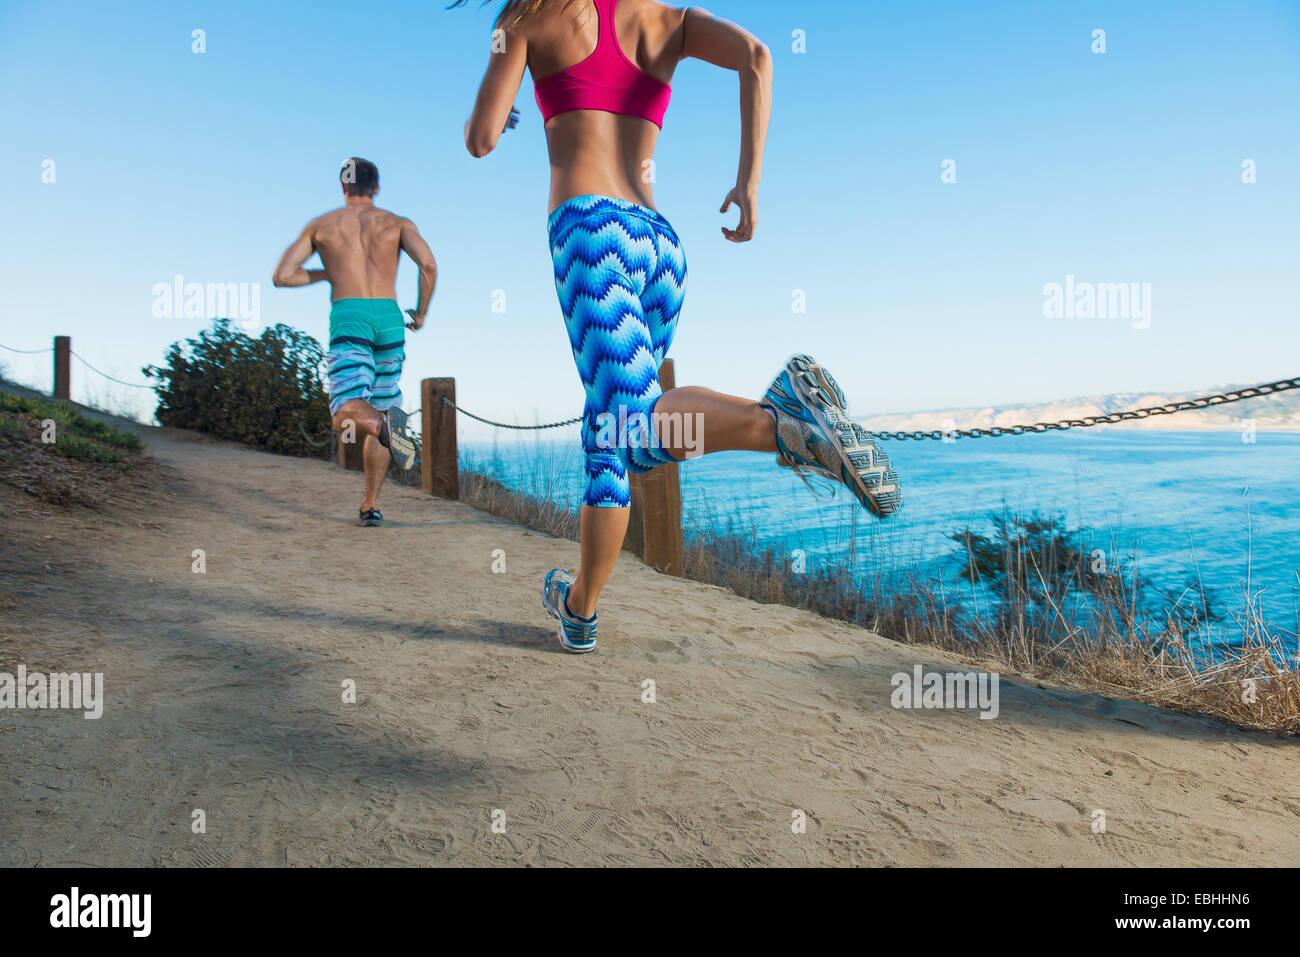 Mitte erwachsener Mann und junge Frau läuft Weg auf dem Seeweg Rückansicht Stockbild